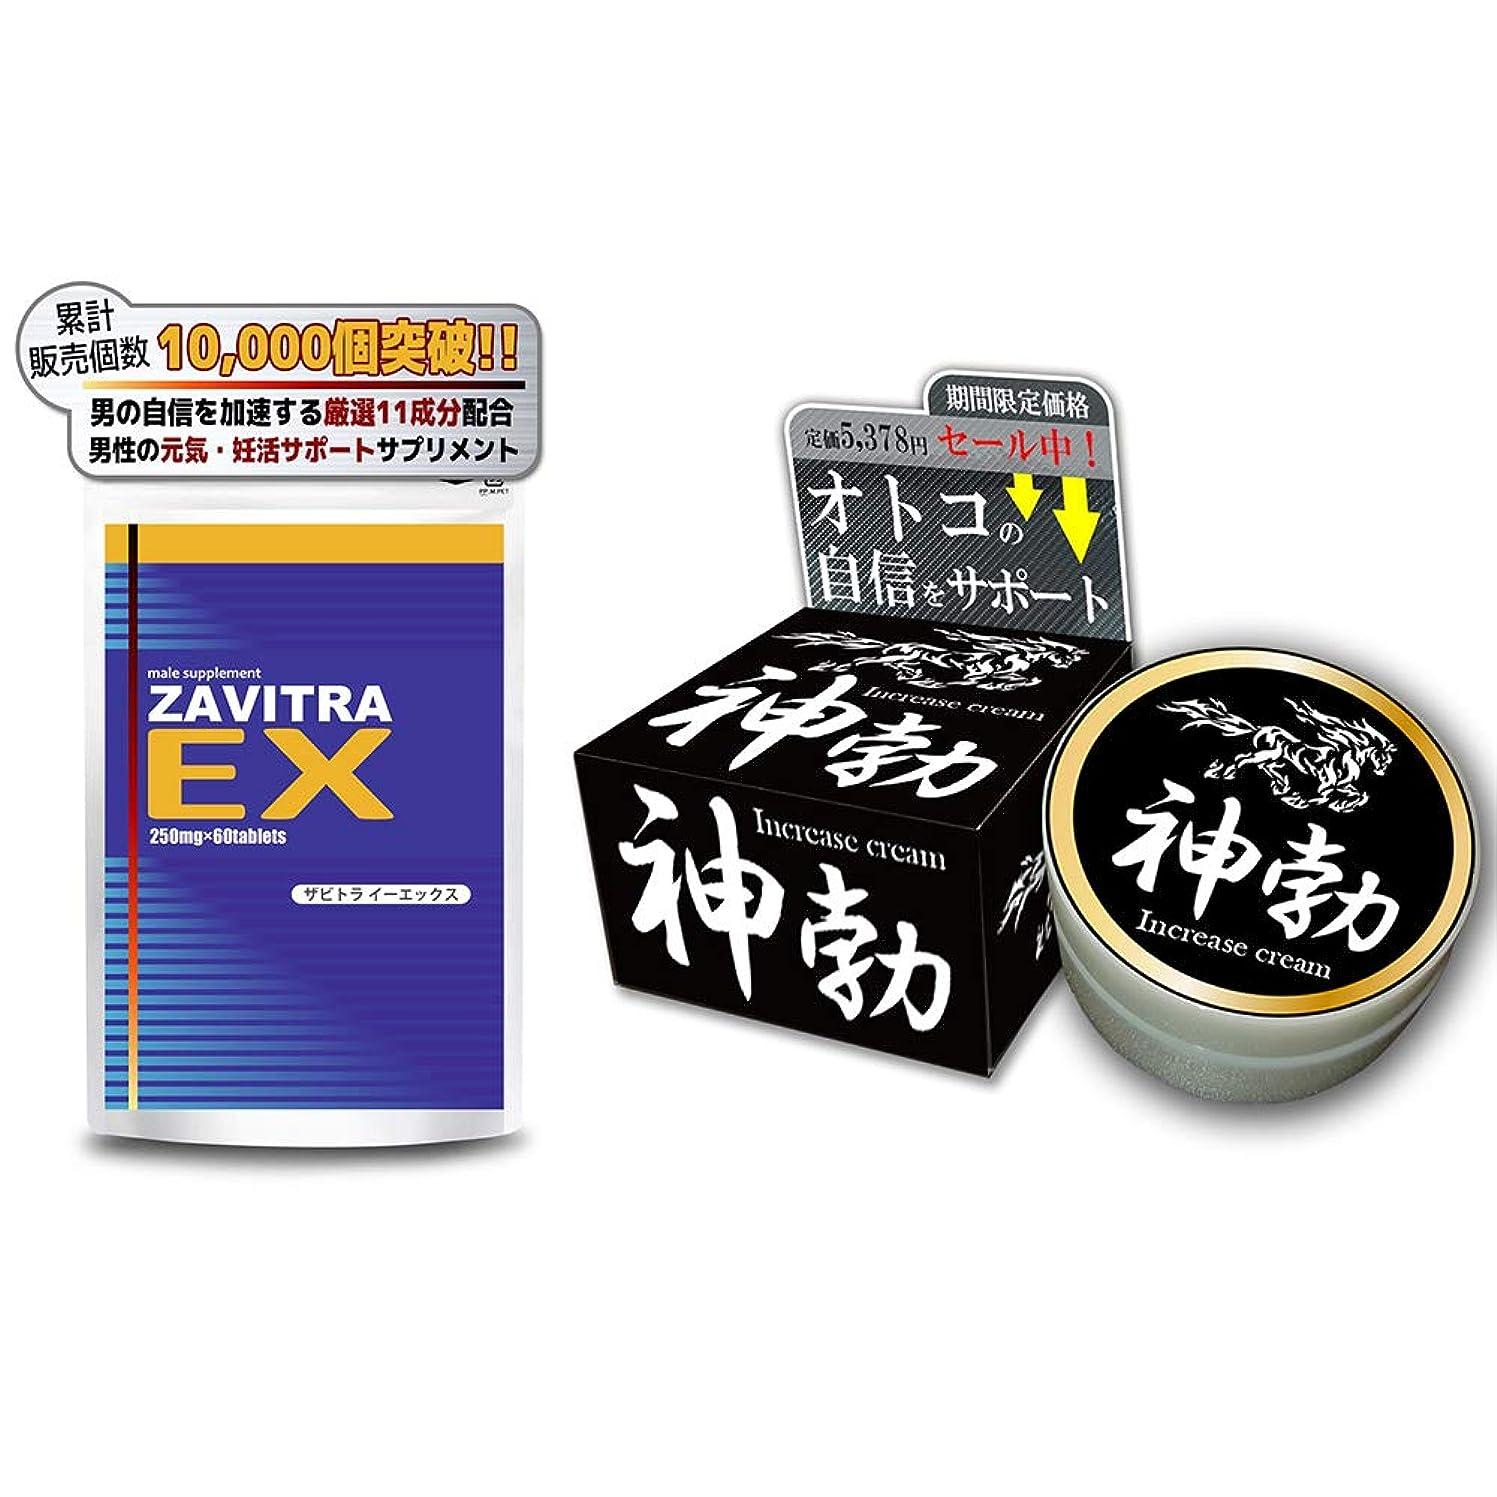 切断するピーブ簡単に男性の活力応援セット 男性サプリメント ZABITRA EX & エナジークリーム パワー